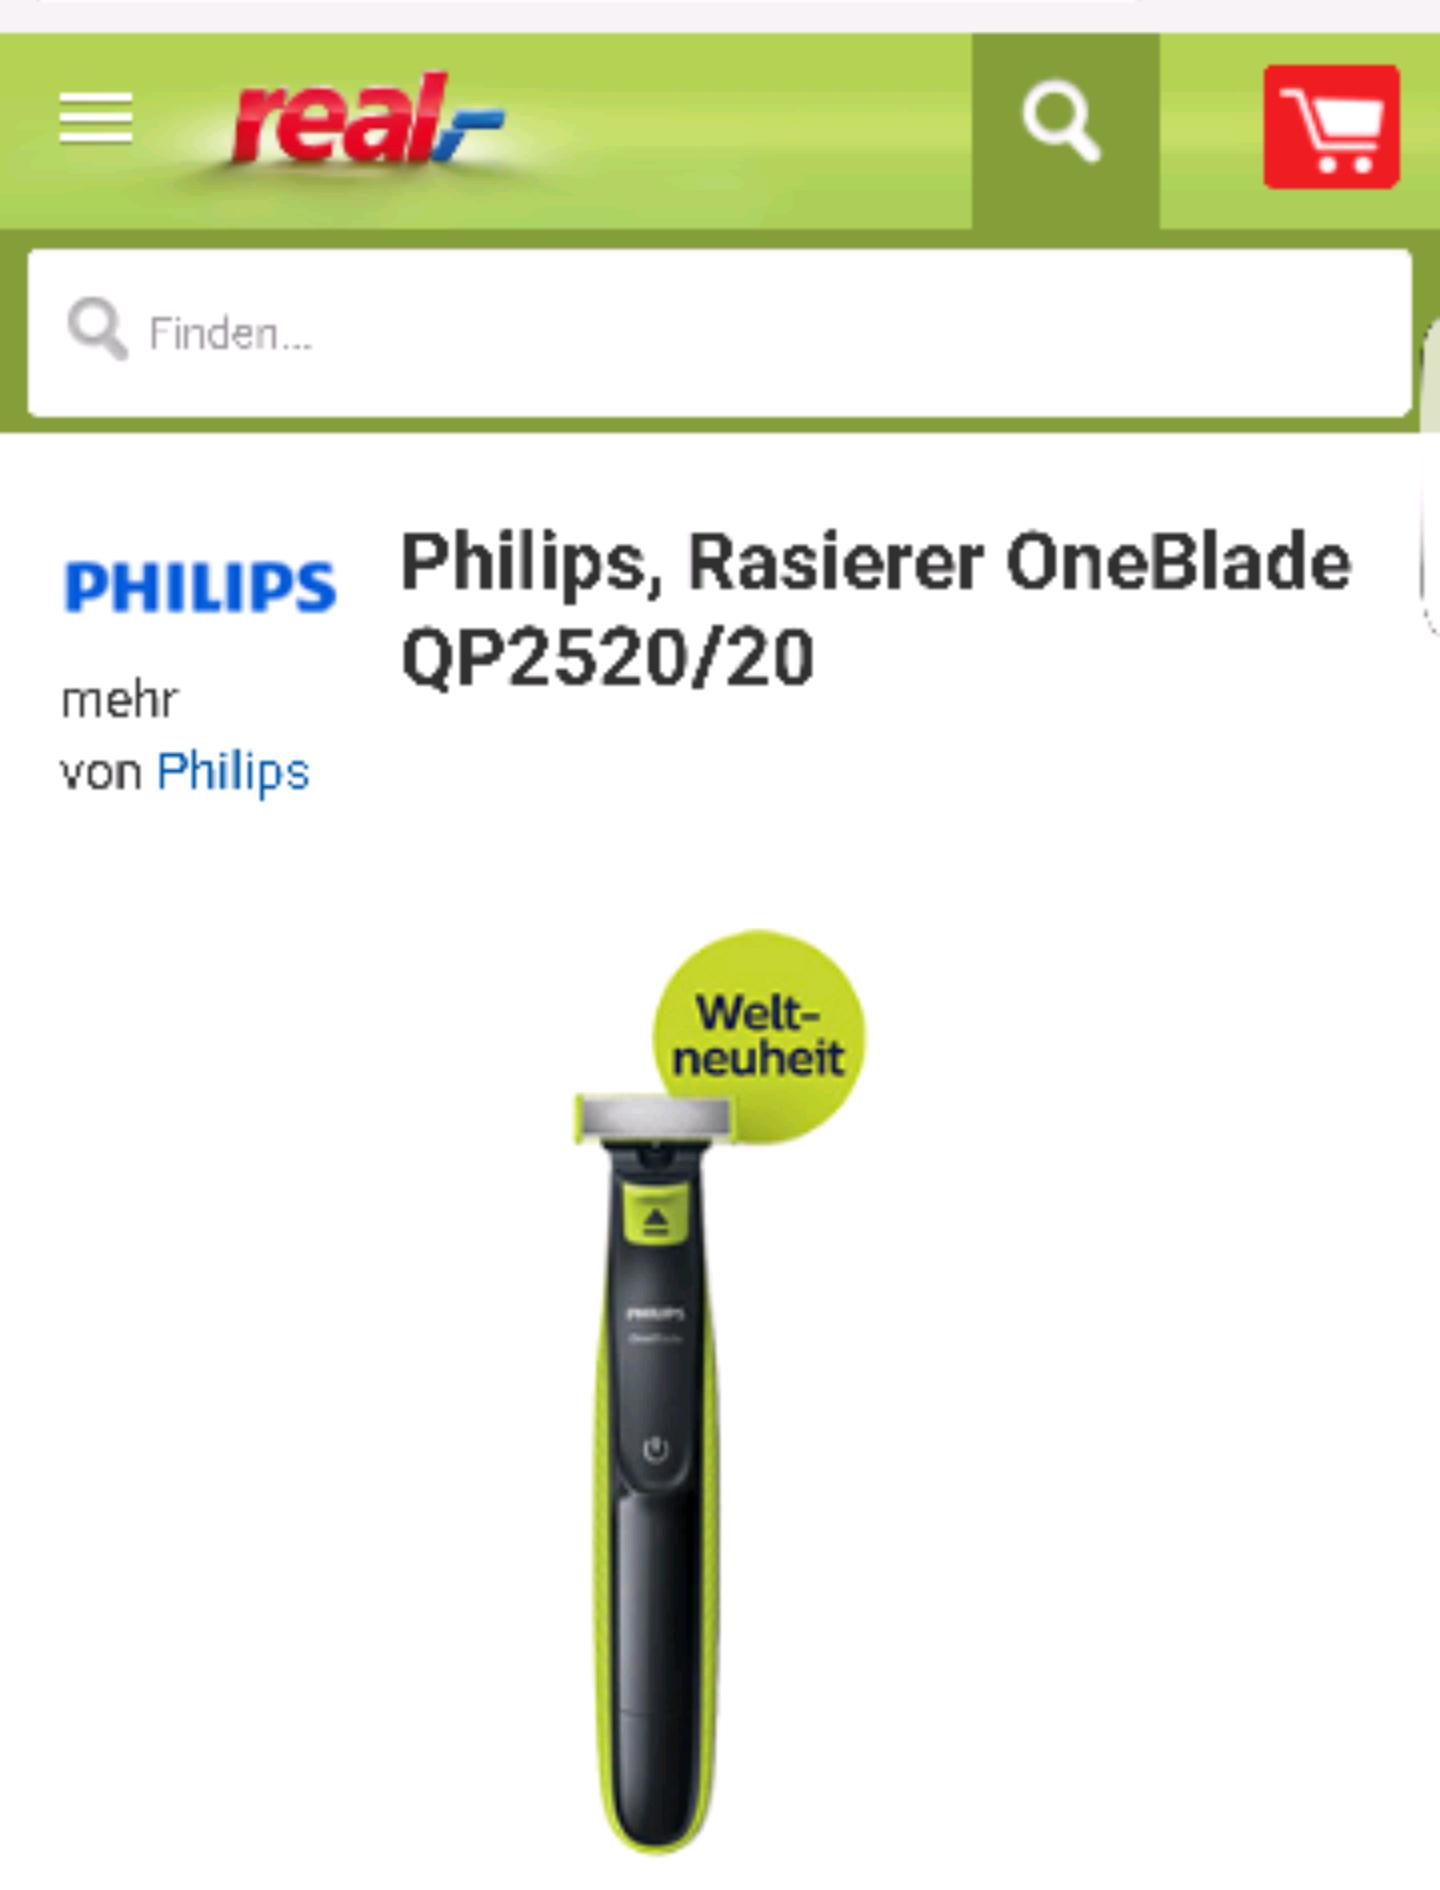 Philips OneBlade für 34.99 Euro. Inklusive Versand.